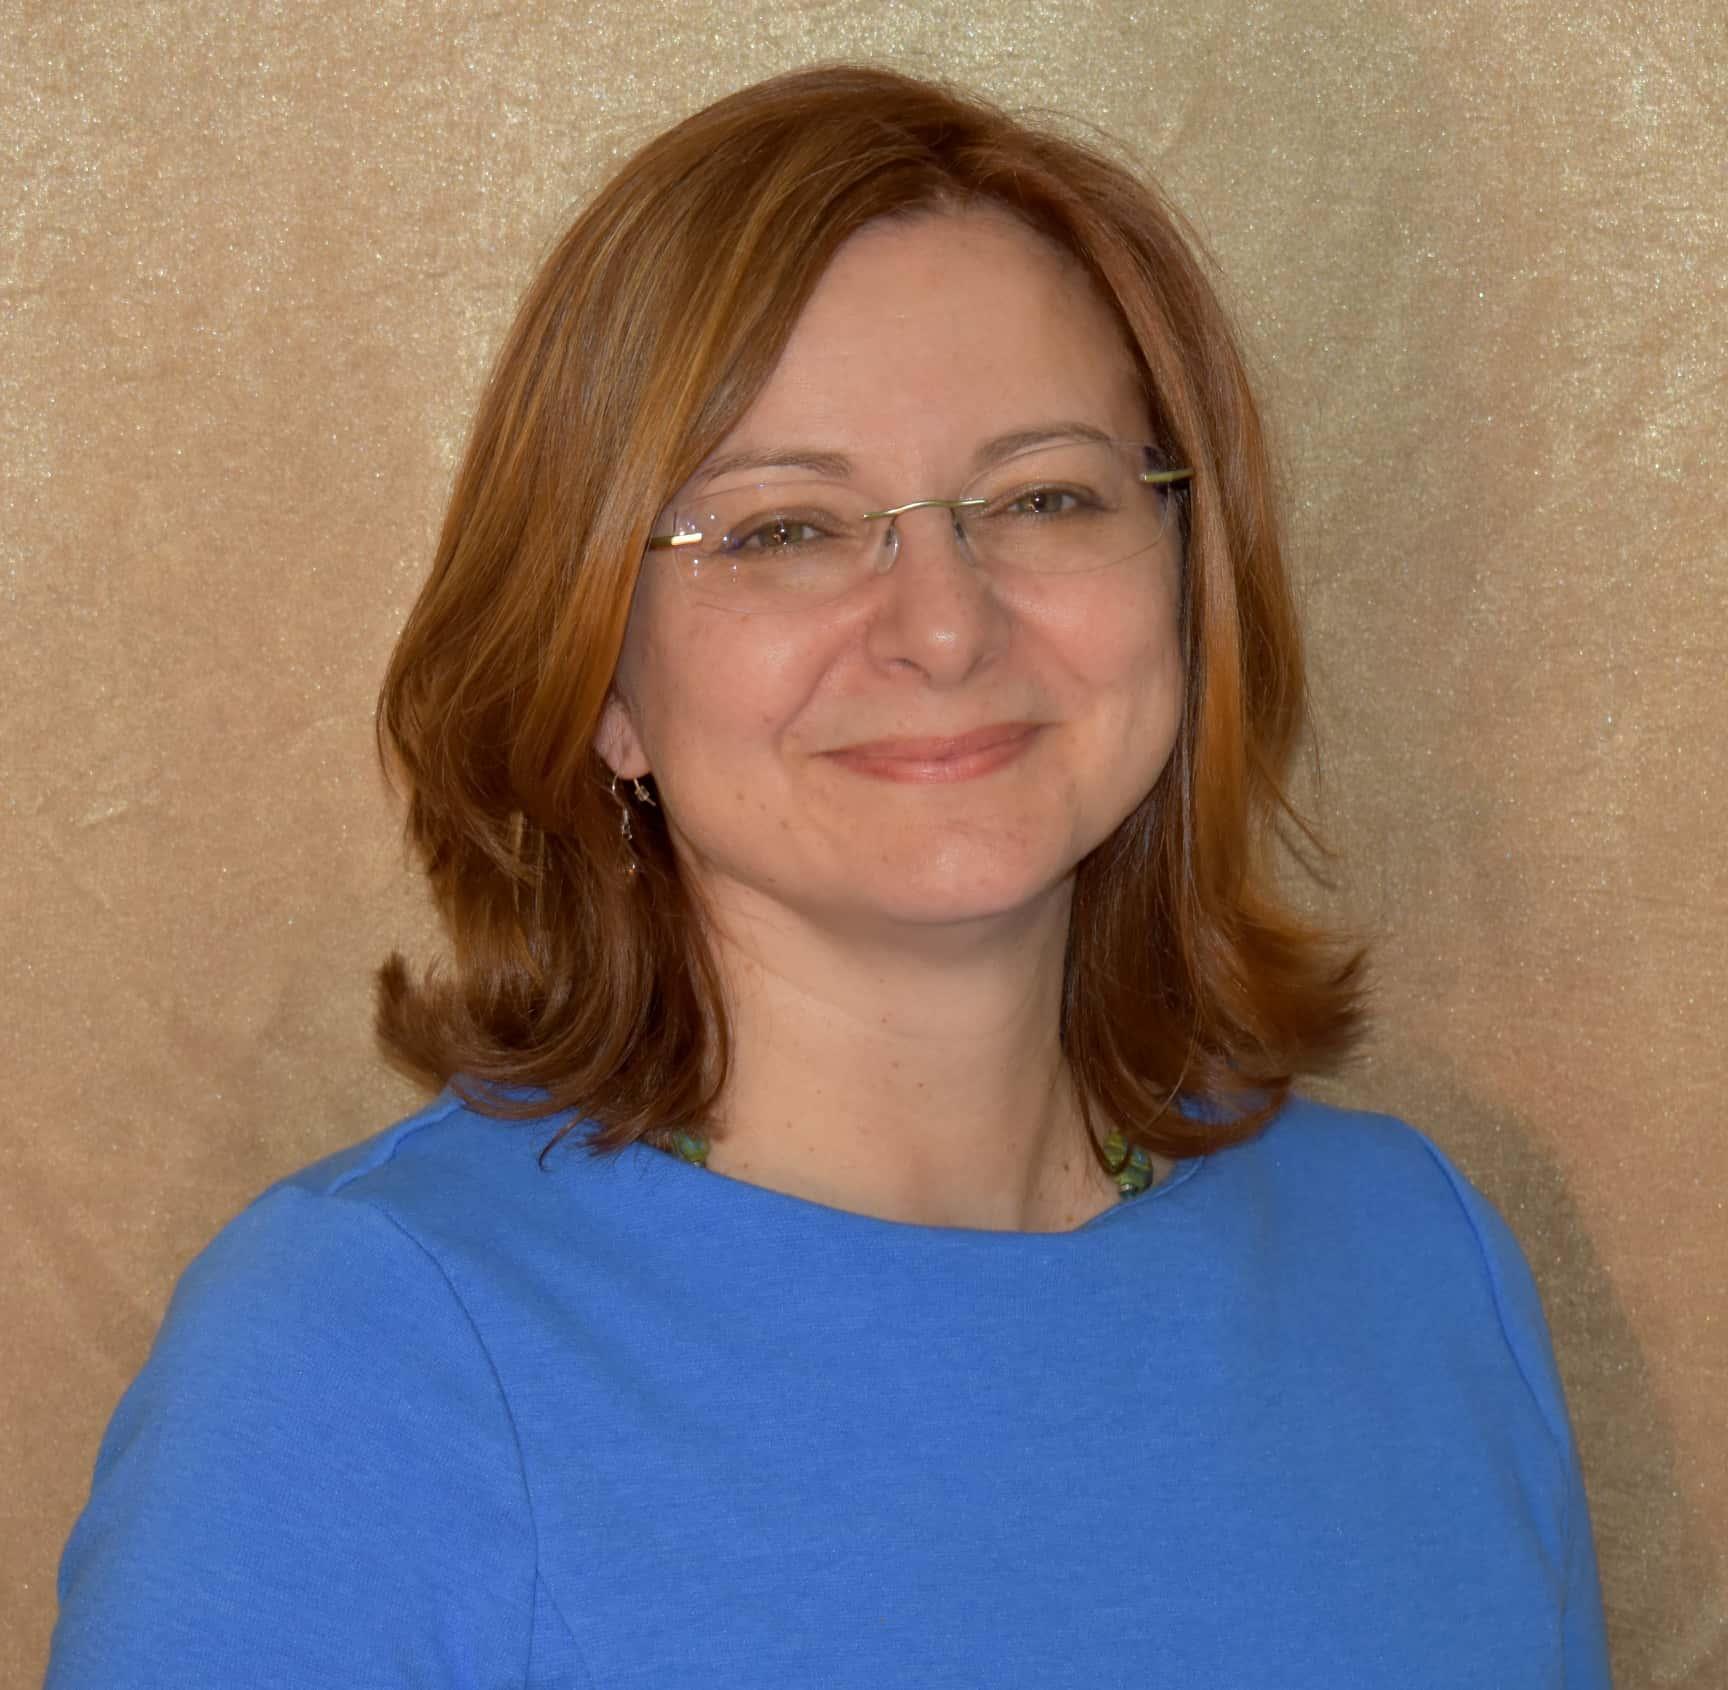 Michelle Fritsch